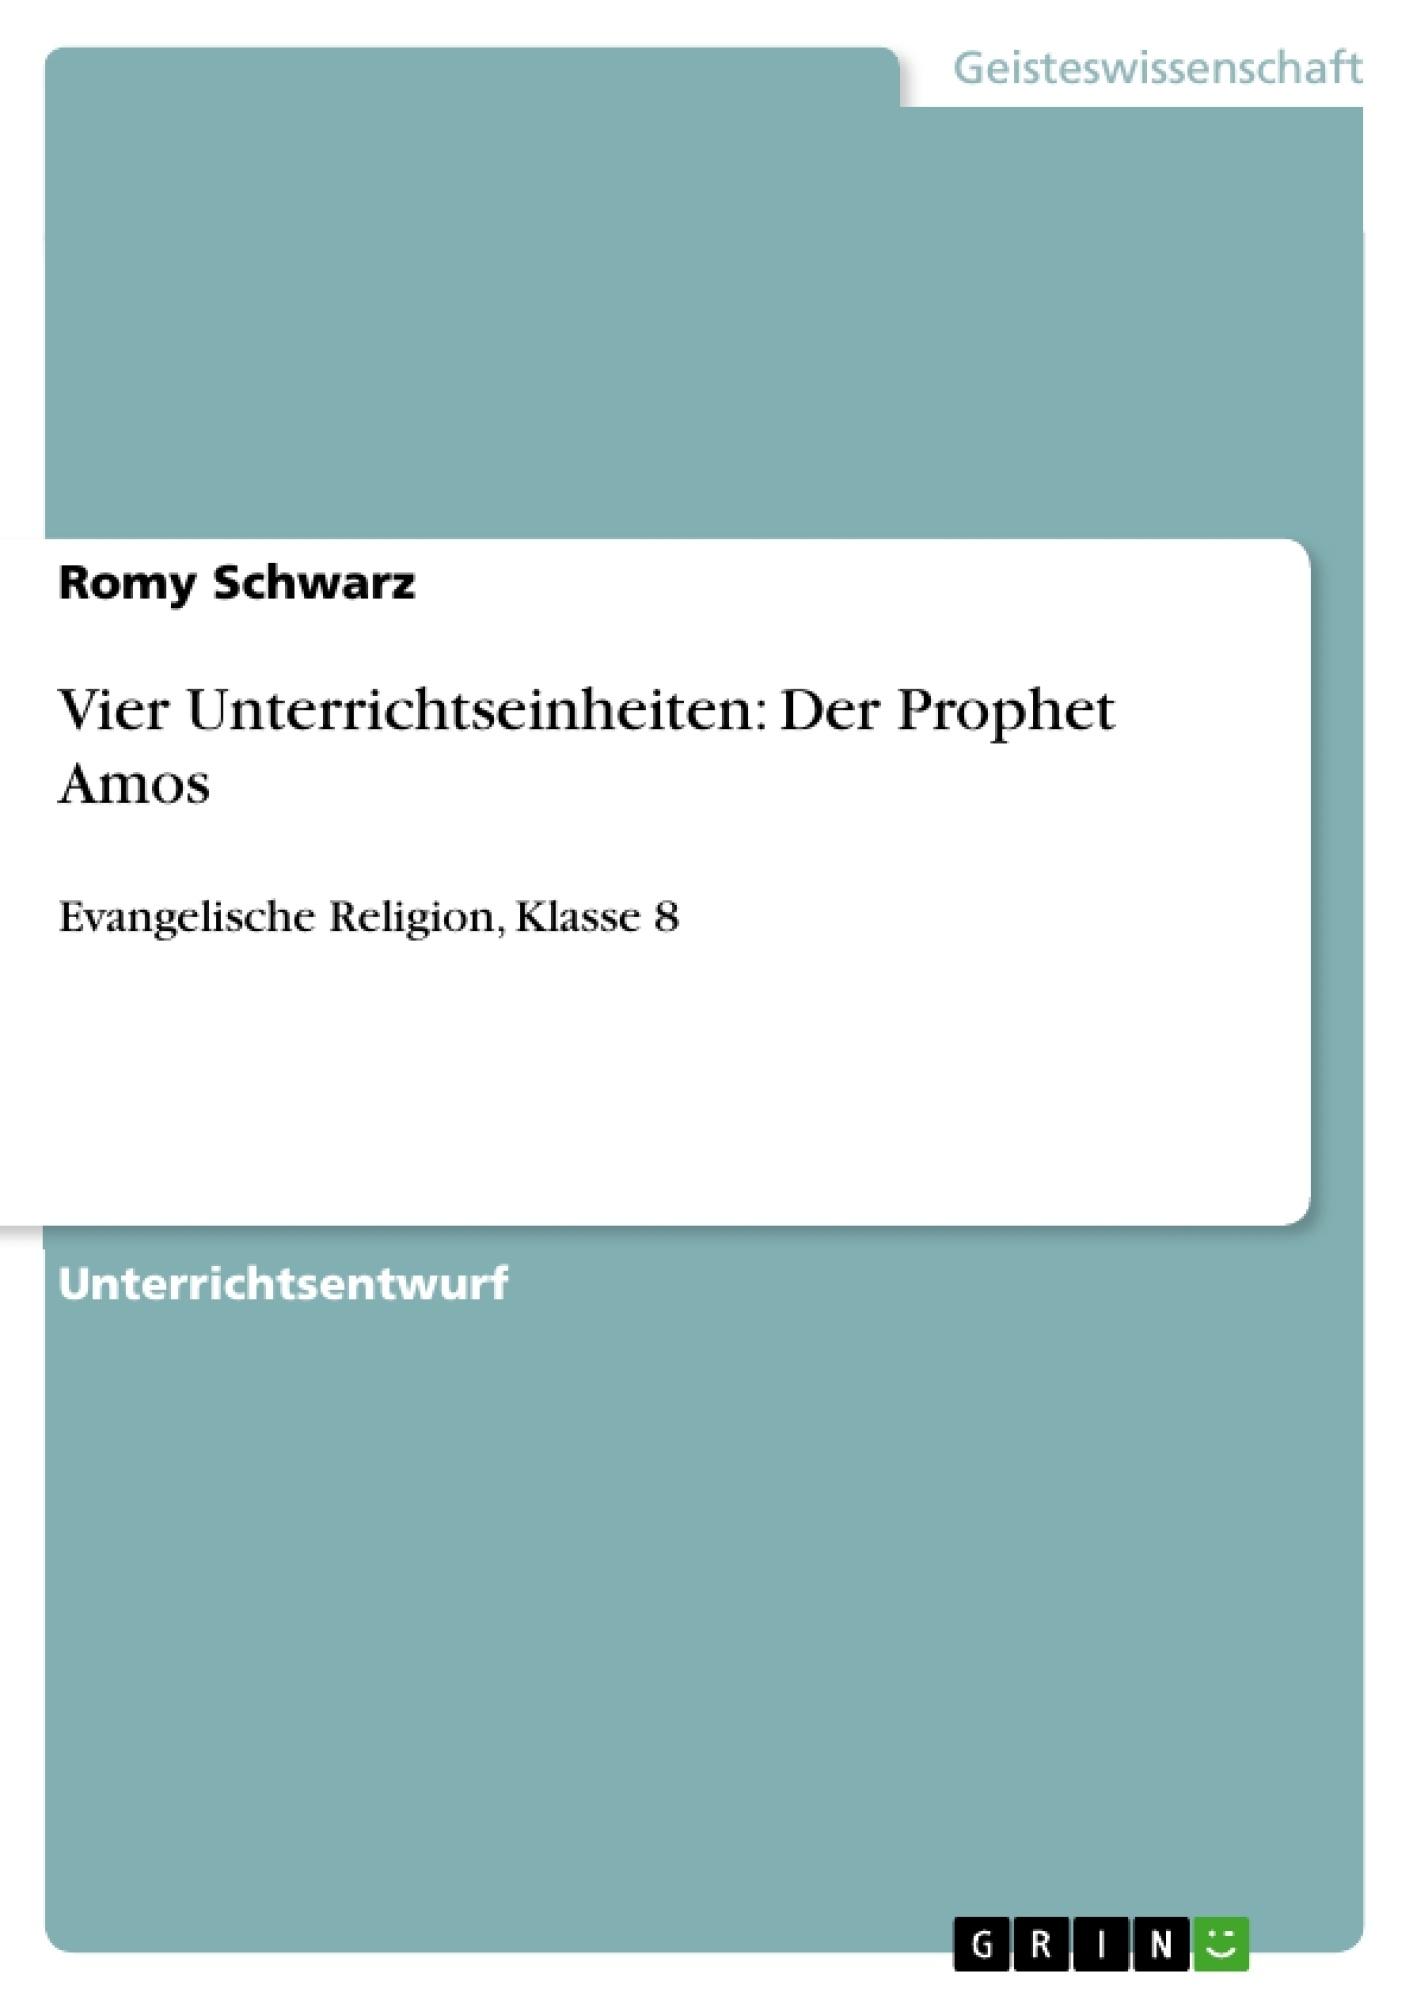 Titel: Vier Unterrichtseinheiten: Der Prophet Amos